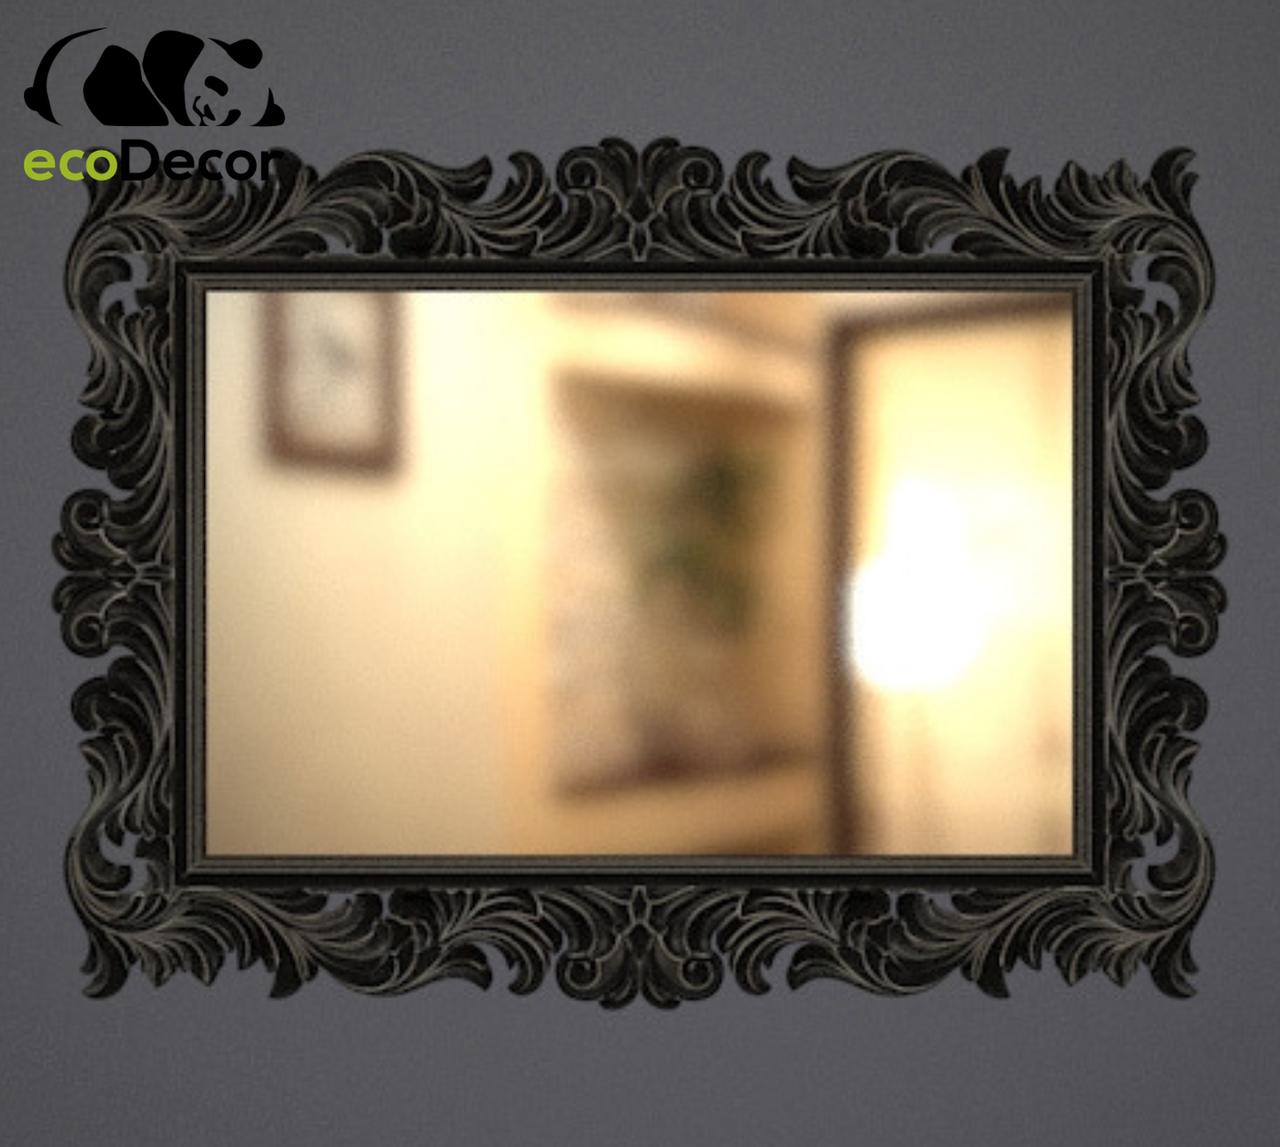 Зеркало настенное Medellin в черной с белым раме